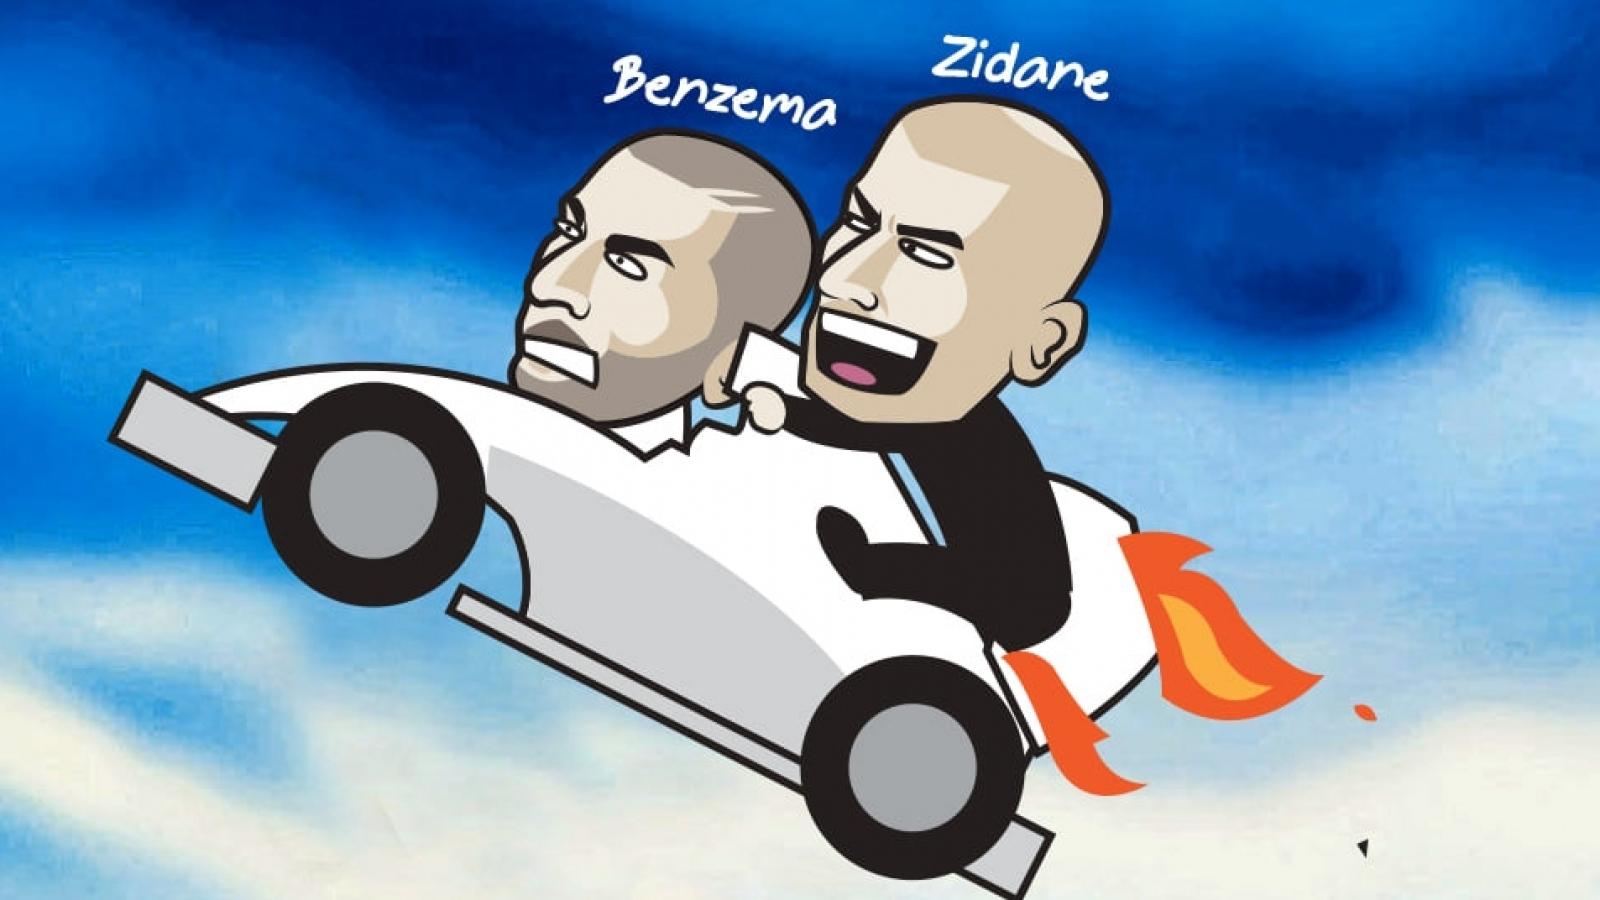 Biếm họa 24h: Benzema cứu Zizou, đồng nghiệp hào hứng đón HLV Solskjaer